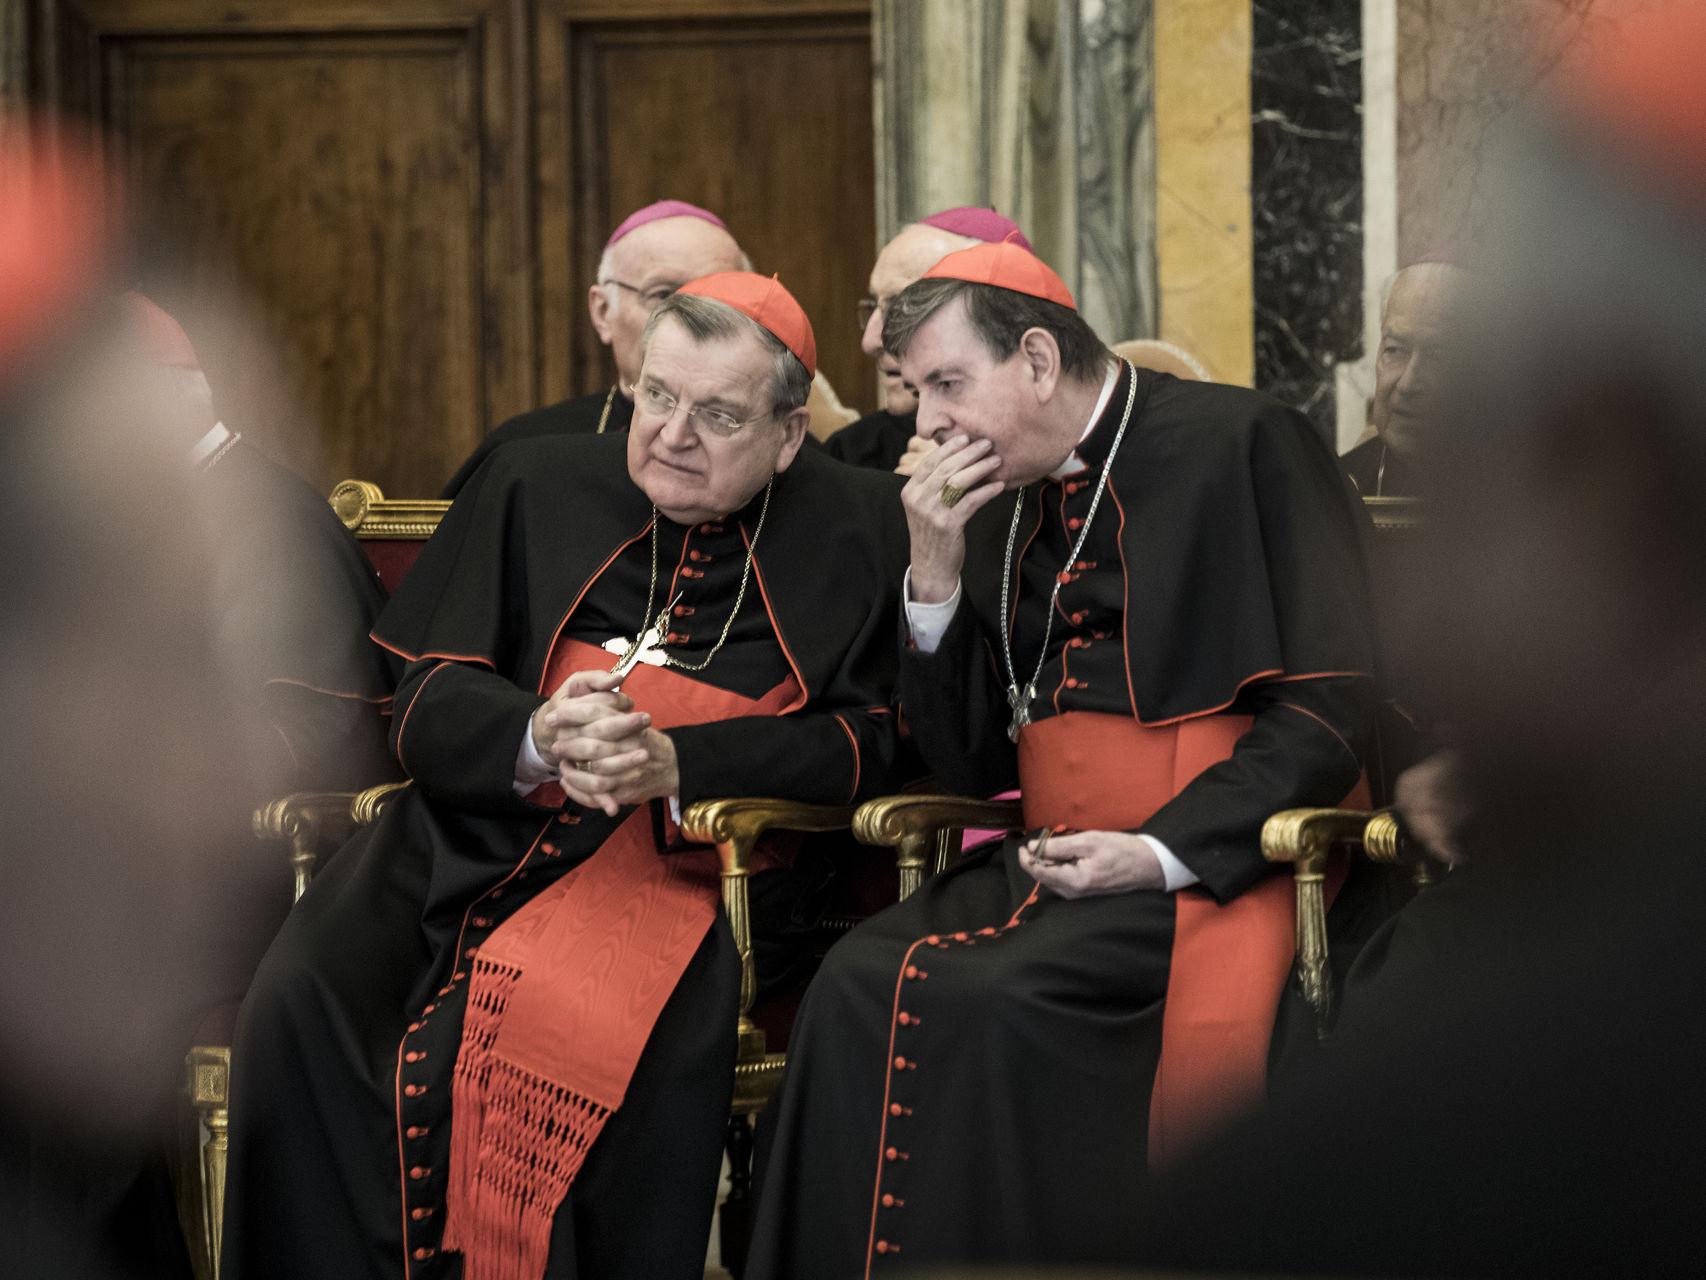 Burke charla con otro cardenal durante los saludos navideños de la curia romana el 22 de diciembre de 2016 en el Vaticano.